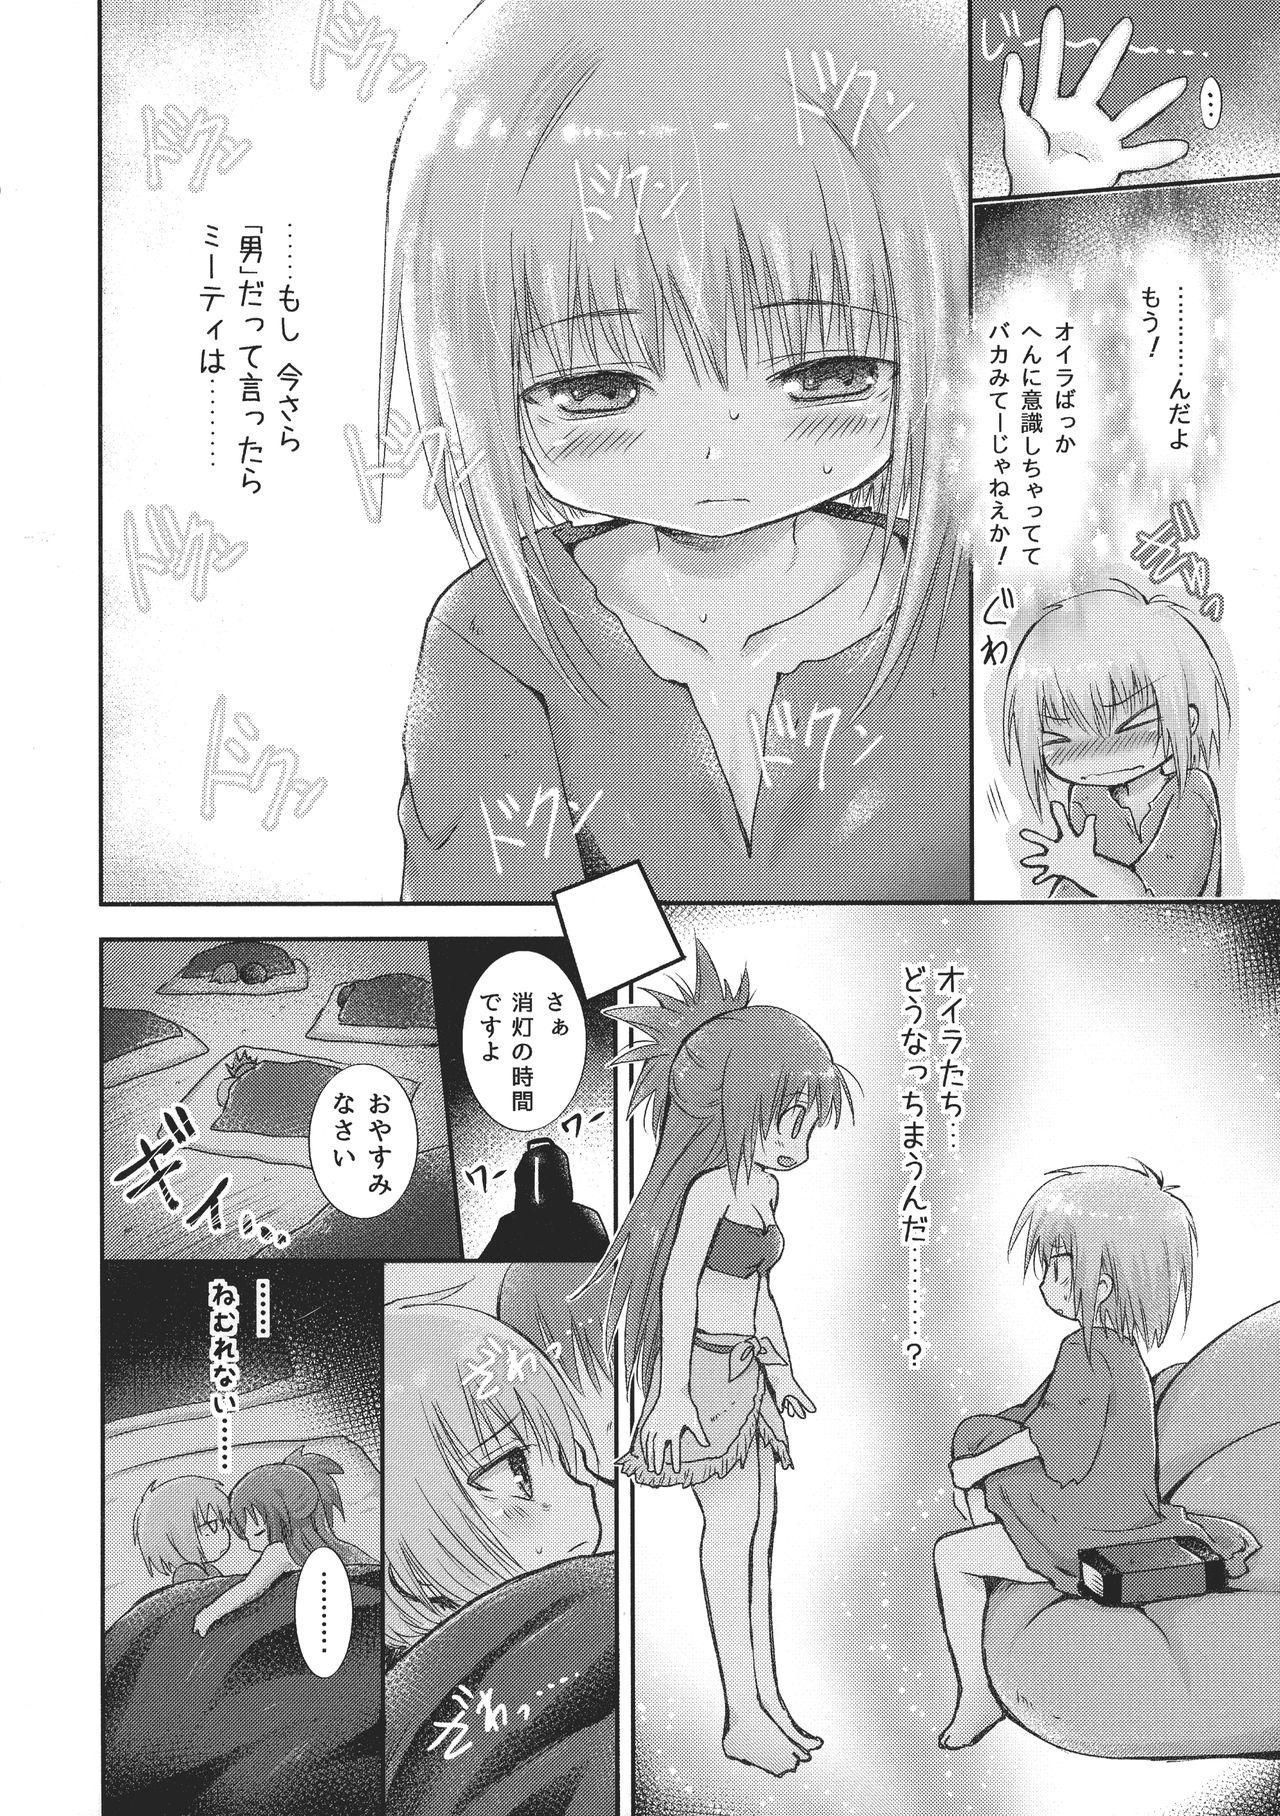 Hajimete no Takaramono 7